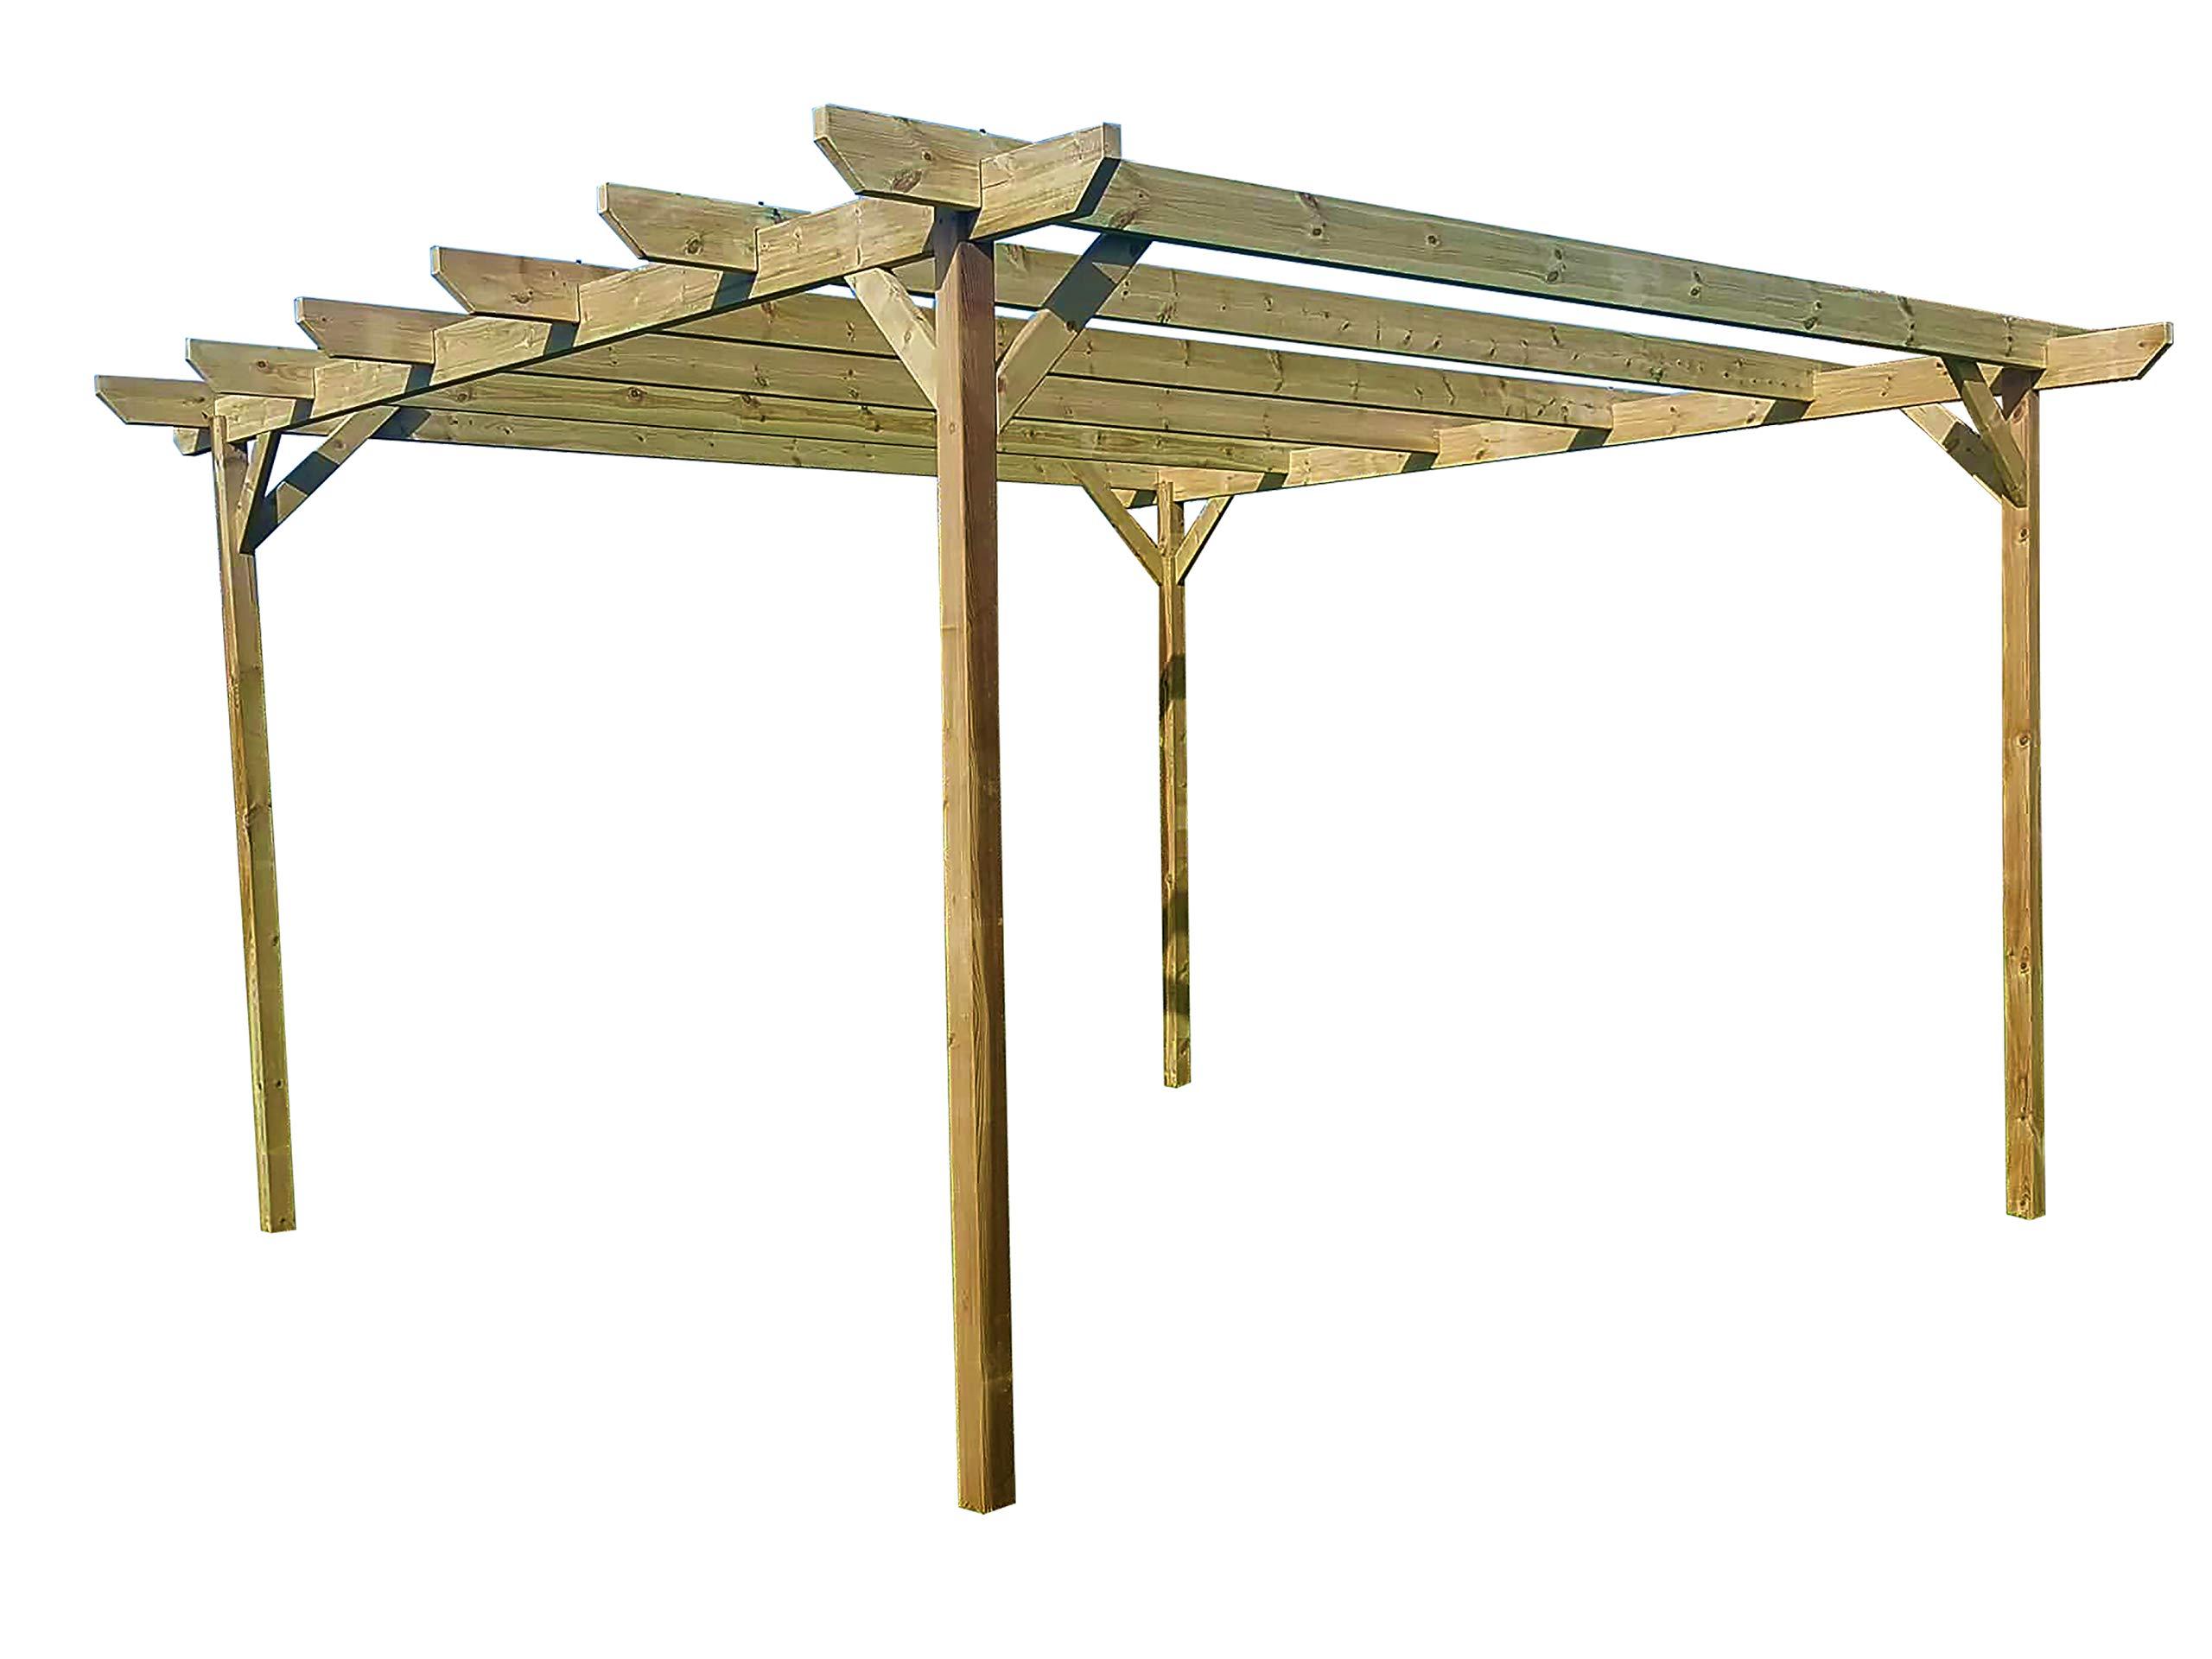 GMS TIMBER LTD - Juego de pérgola de jardín de Madera biselada - Exclusiva Gama de pérgola - más Grande en Amazon - Acabado Verde Claro o marrón rústico: Amazon.es: Jardín